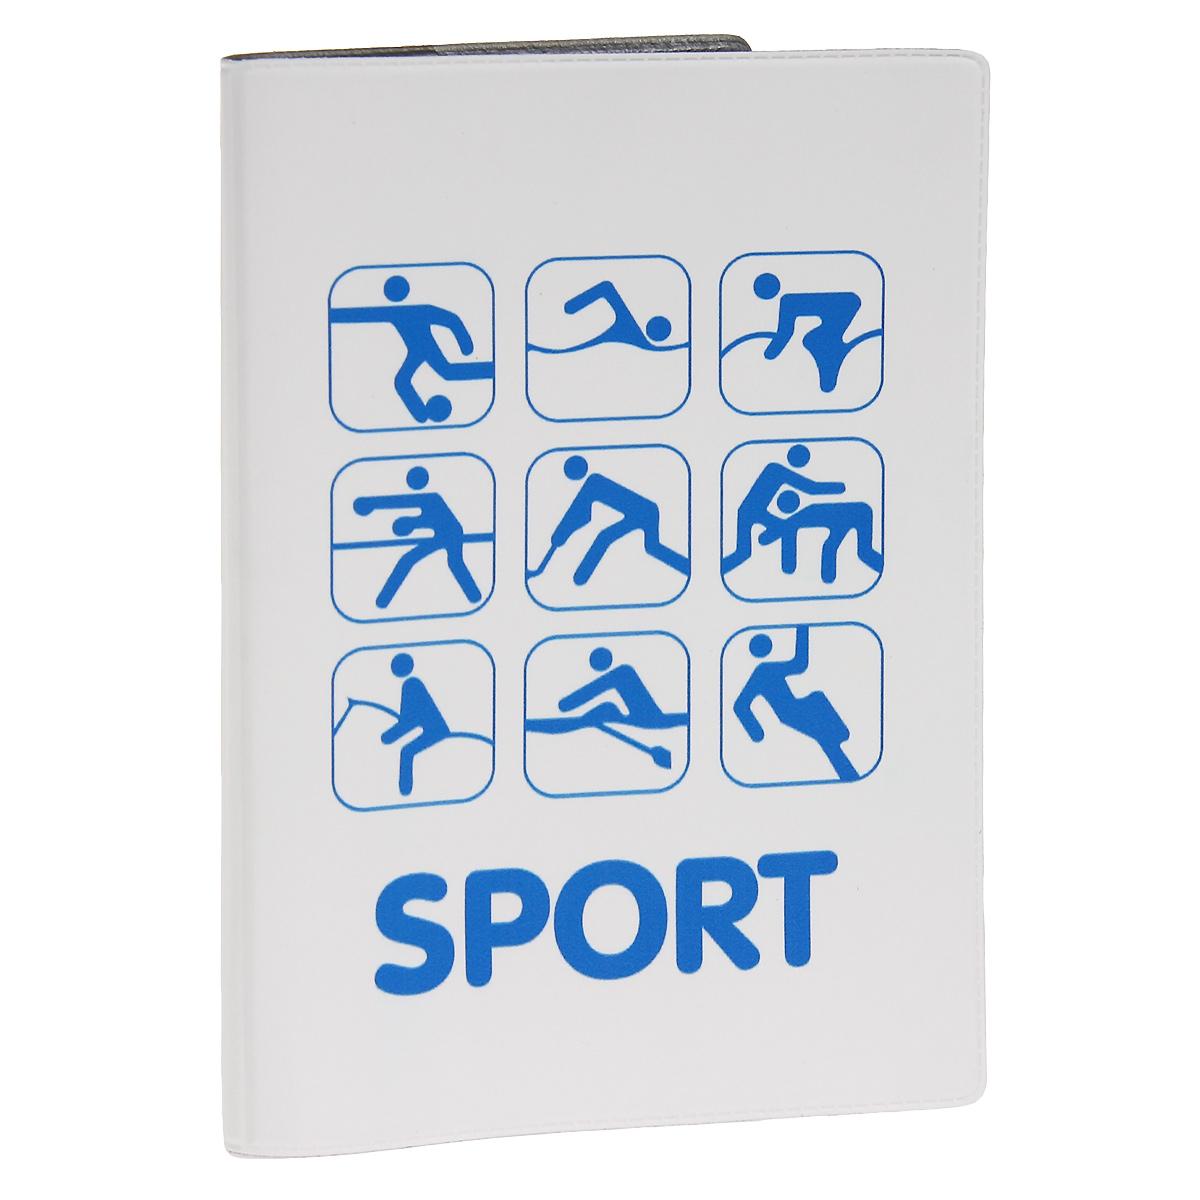 Обложка для автодокументов Sport. AUTOZAM2862111Обложка для автодокументов Mitya Veselkov Sport изготовлена из прочного ПВХ белого цвета и оформлена изображениями значков, каждый из которых олицетворяет один из видов спорта. На внутреннем развороте имеются съемный блок из шести прозрачных файлов из мягкого пластика для водительских документов, один из которых формата А5, а также два боковых кармашка для визиток или банковских карт.Стильная обложка не только поможет сохранить внешний вид ваших документов и защитит их от грязи и пыли, но и станет аксессуаром, который подчеркнет вашу яркую индивидуальность.